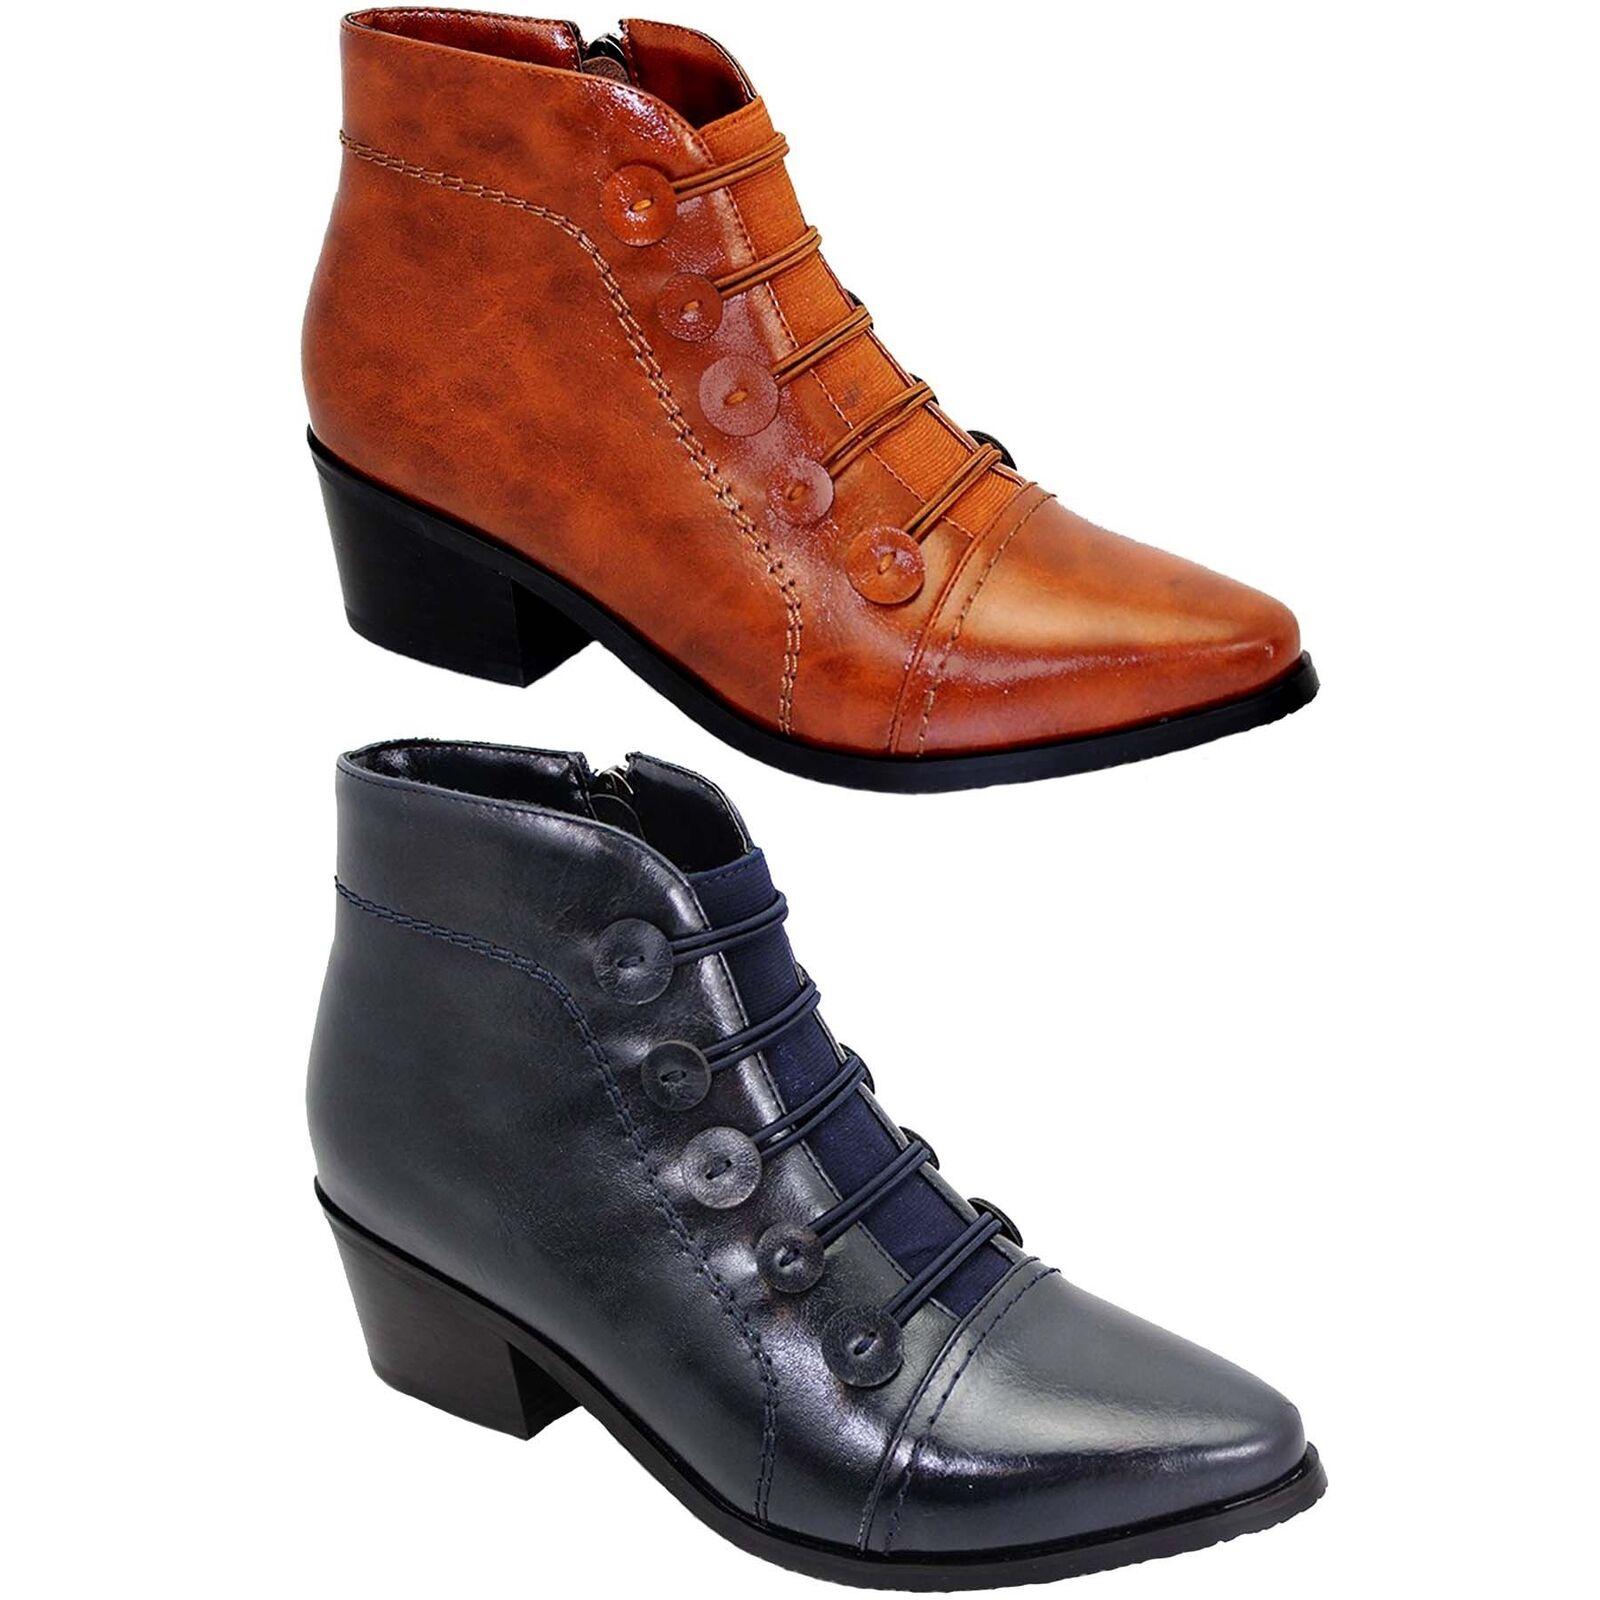 Glc458 Belmont señoras elástica Slip On bajo bloque Taco Botines Taco bloque Zapatos c51c6b